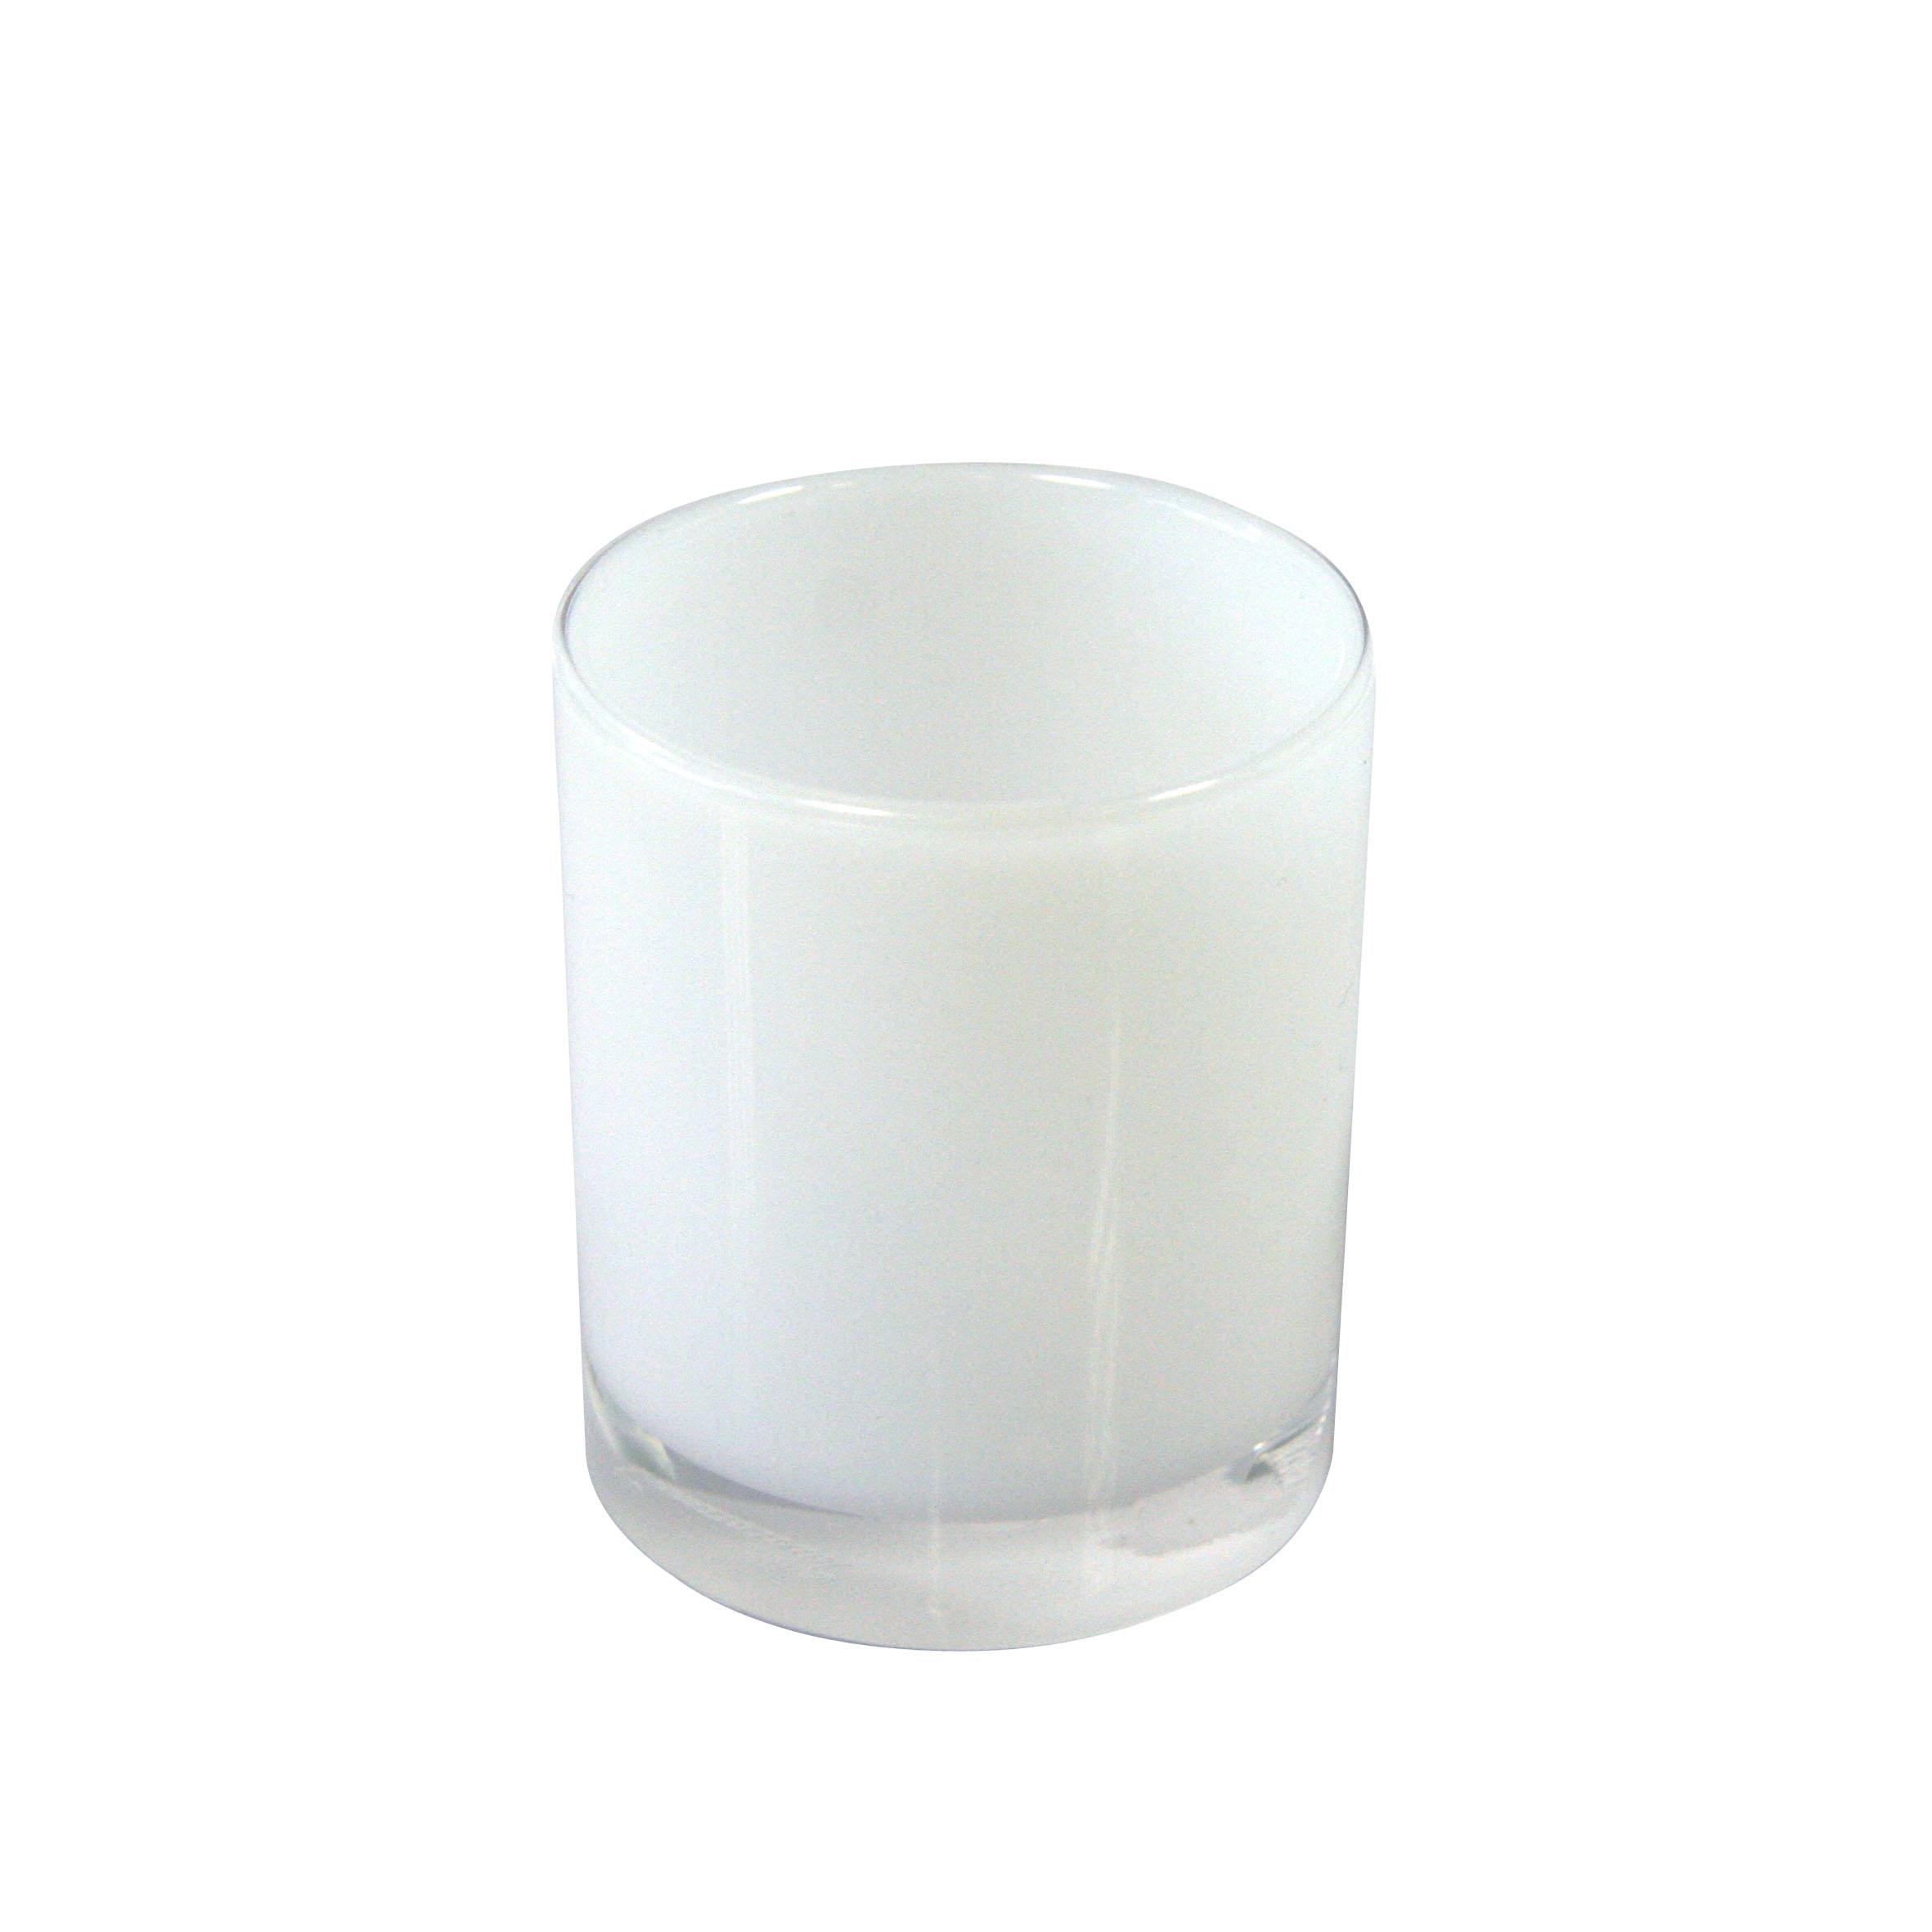 Стакан для ванной комнаты Axentia Priamos282320Стакан для ванной комнаты Axentia Priamos изготовлен из высококачественного акрила - долговечный, прочный и легкий в уходе материал прослужит вам долгие годы. Изделие отлично подойдет для вашей ванной комнаты. Стакан создаст особую атмосферу уюта и максимального комфорта в ванной.